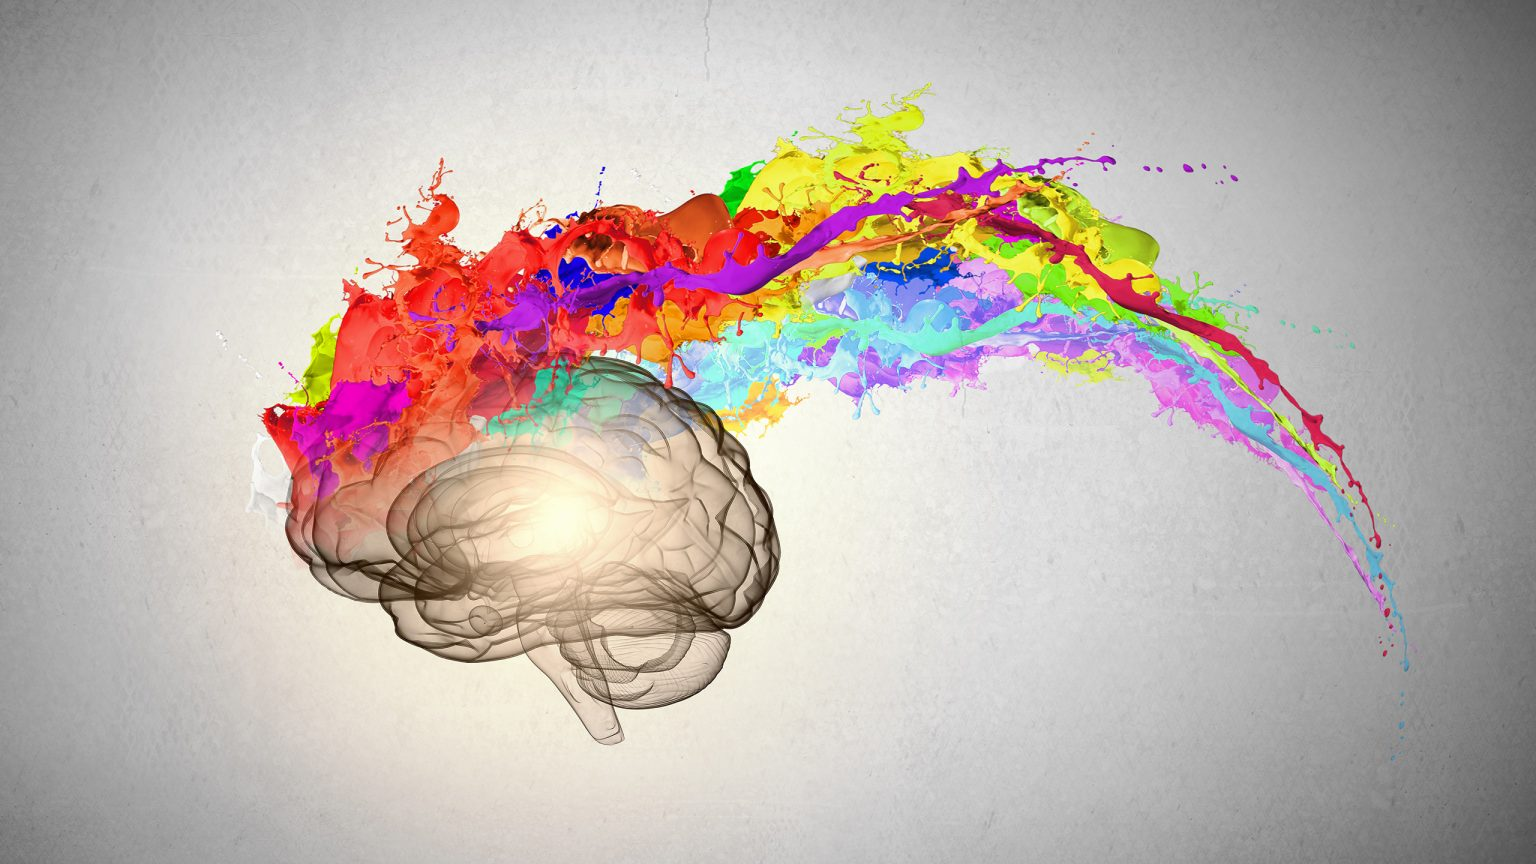 duygusal zekâ nedir?